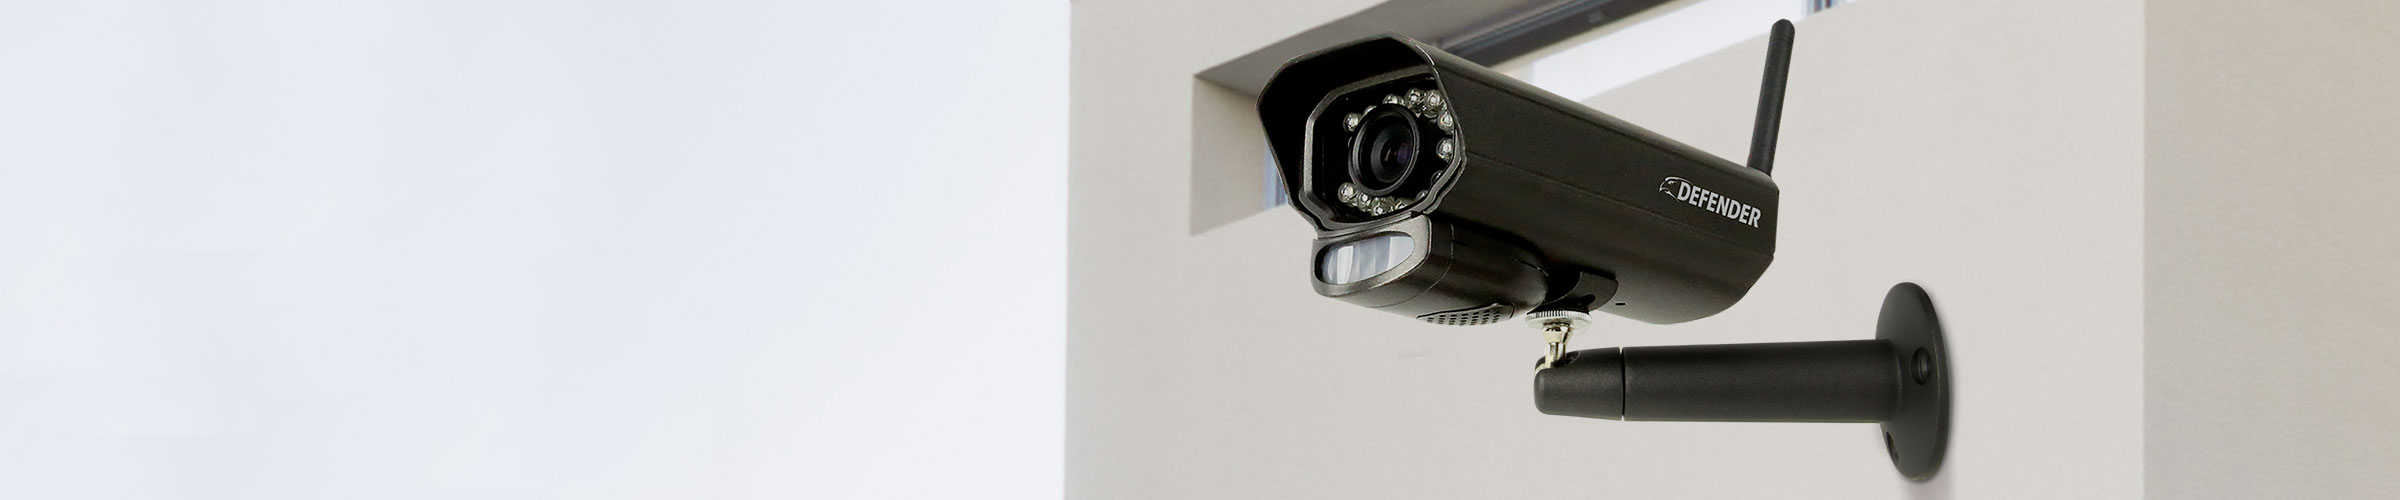 Phoenix Digital Wireless Security System